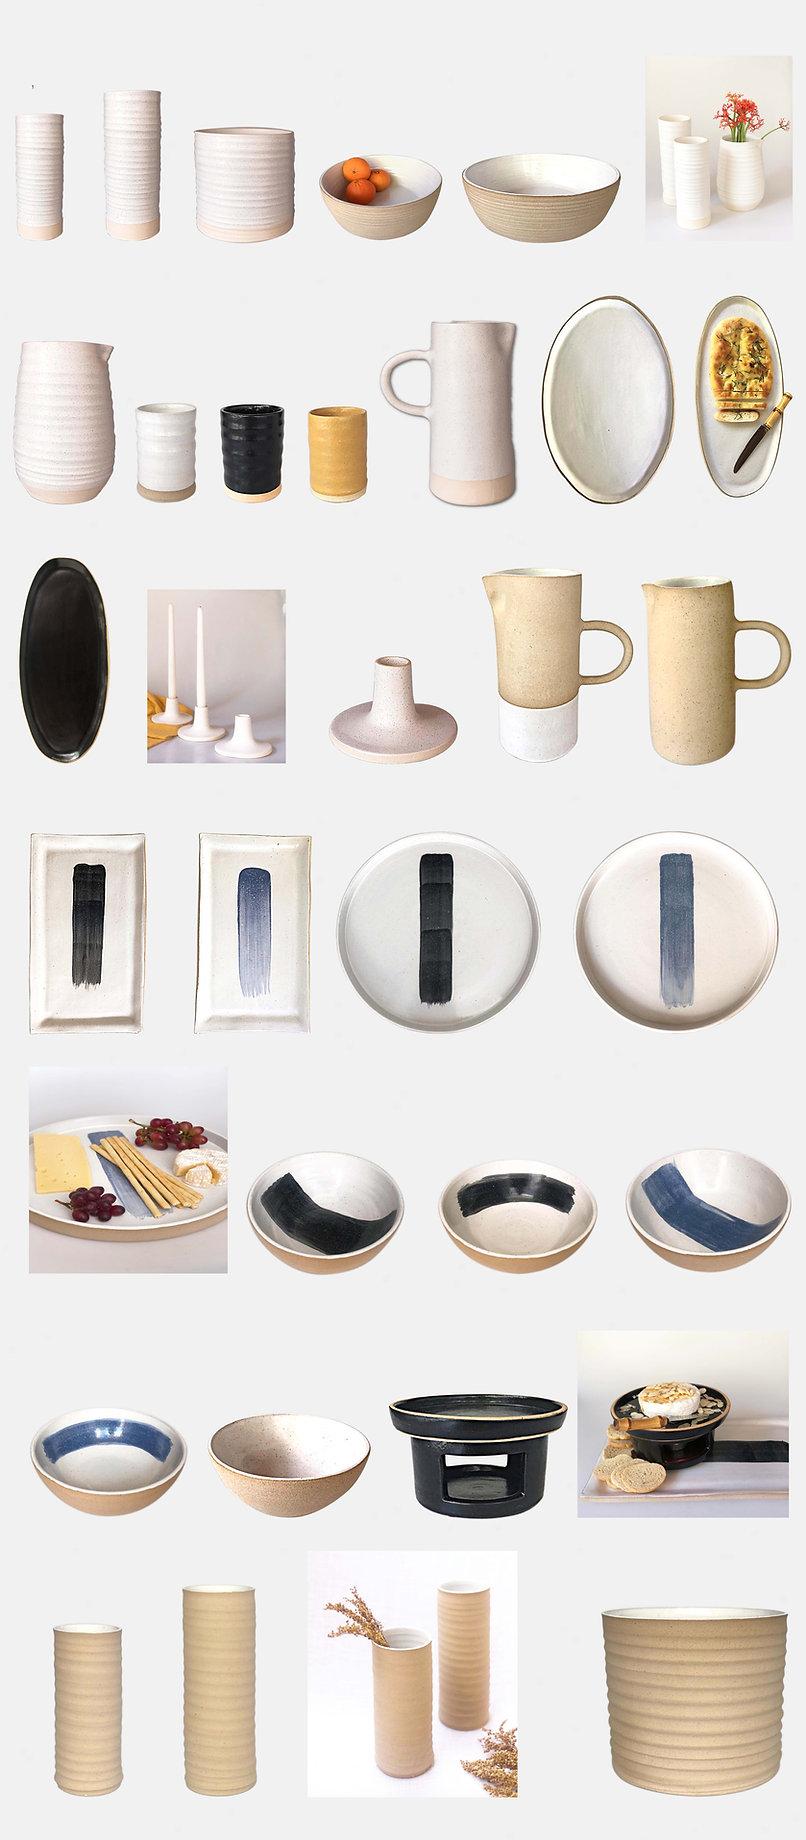 ceramica 05.21 copy.jpg